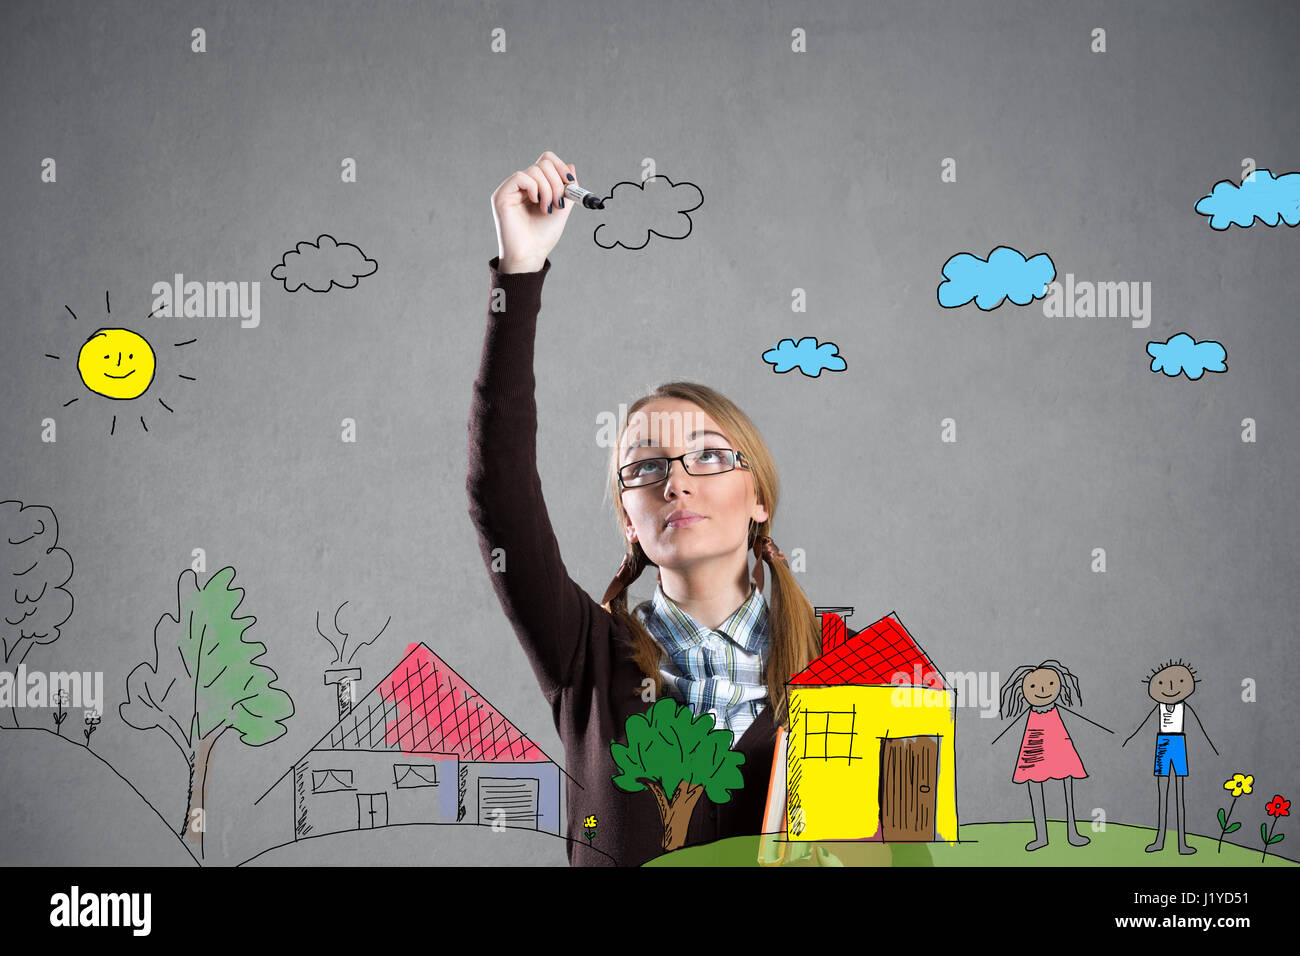 Teen girl dessin avec un marqueur sur la paroi transparente Photo Stock